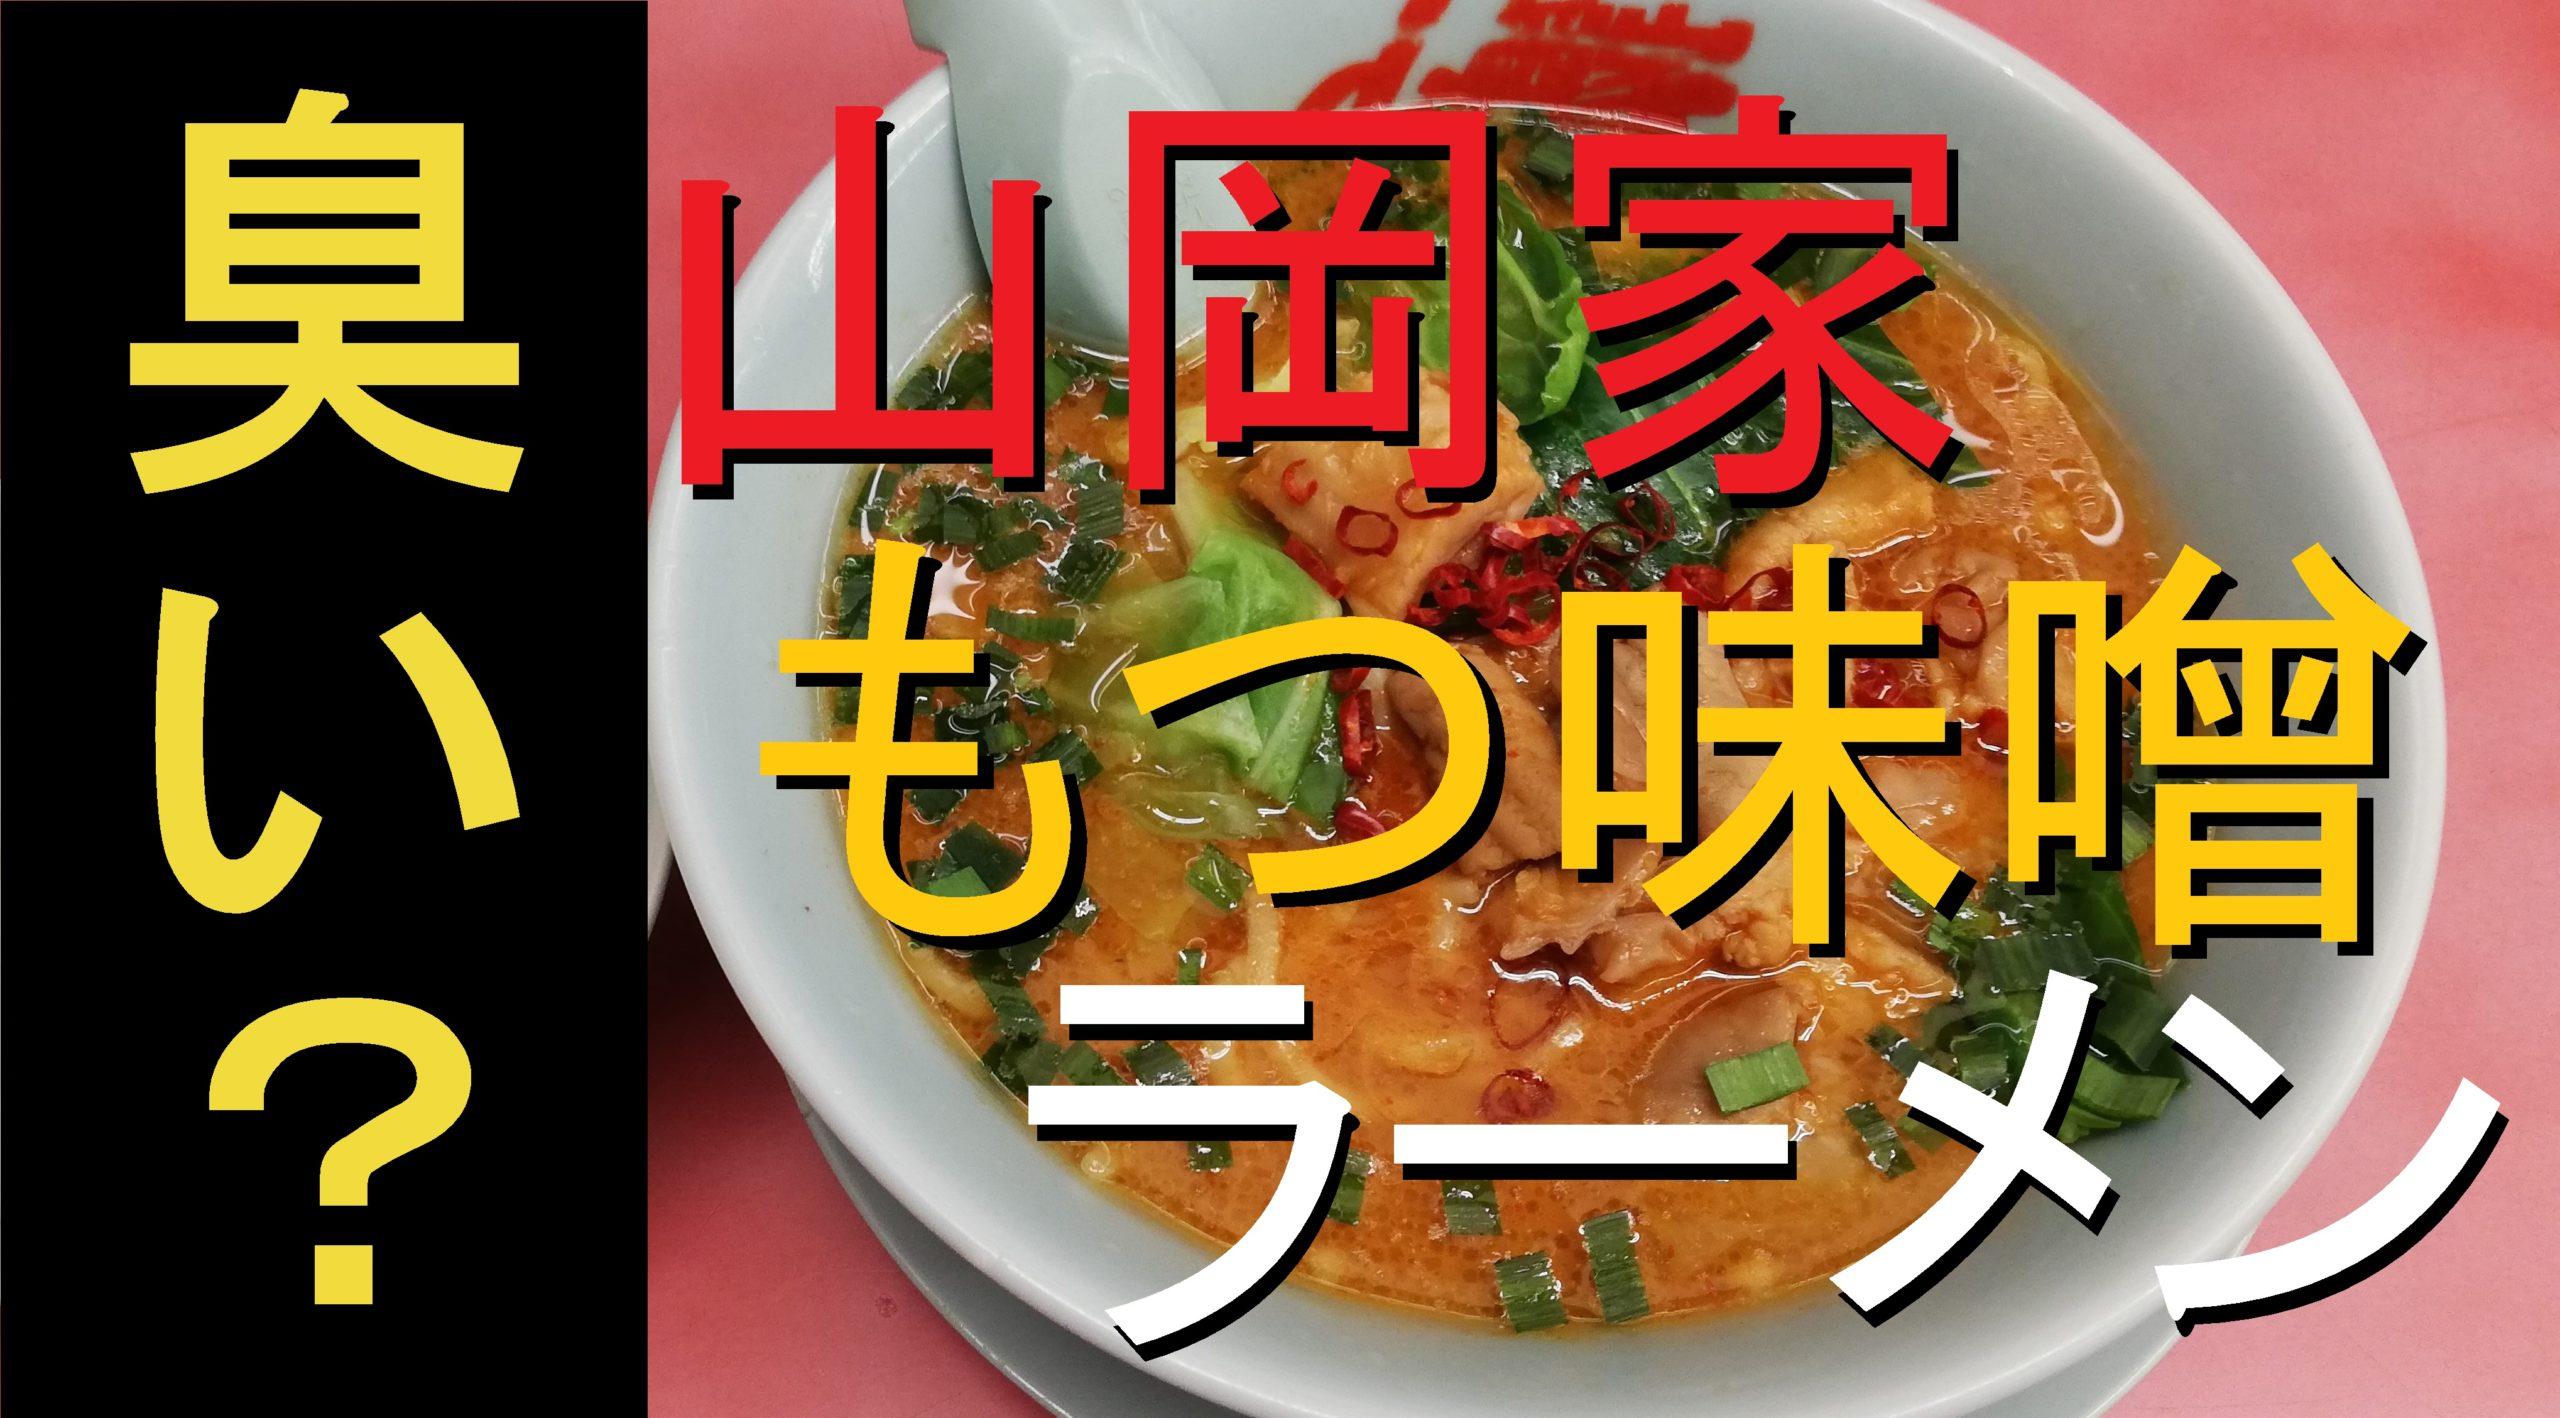 山岡家、極旨もつ味噌ラーメンのアイキャッチ画像